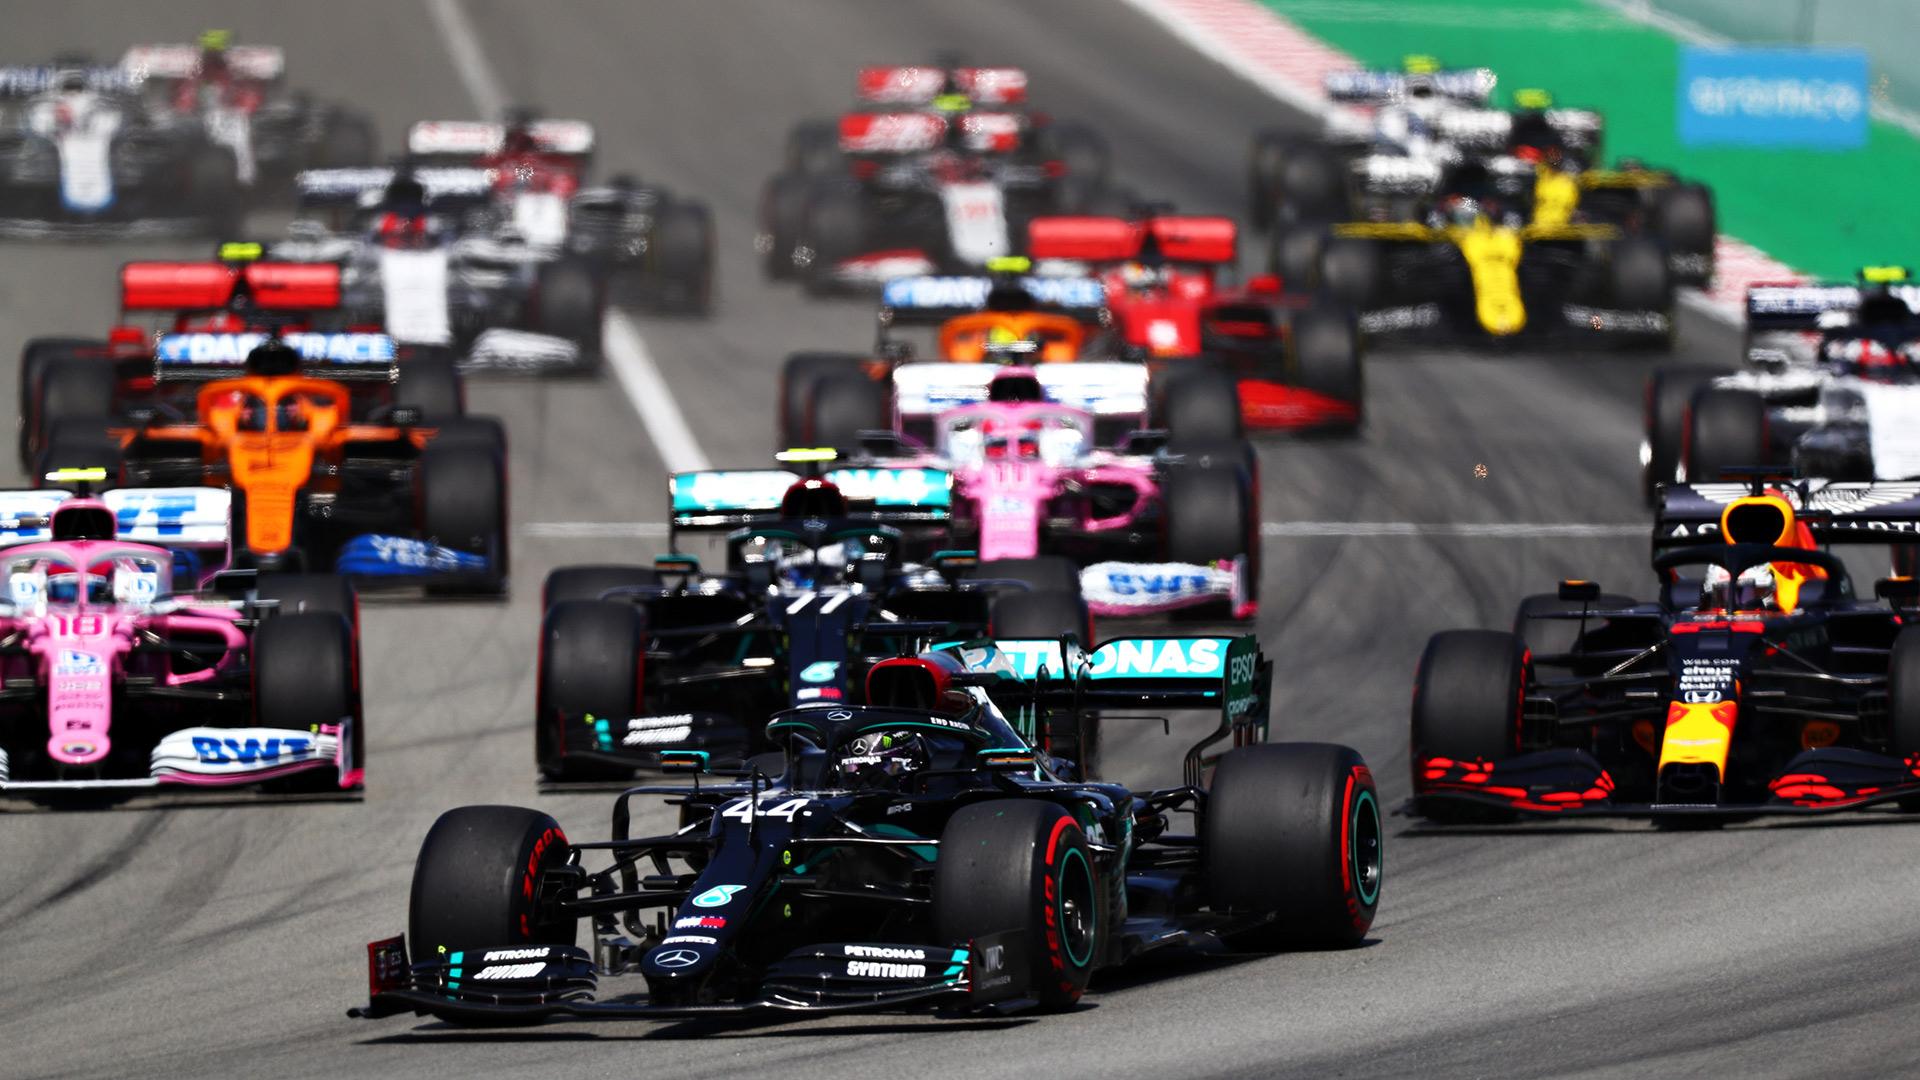 F1 Schedule 2021: Formula 1 Announces Provisional 23-Race